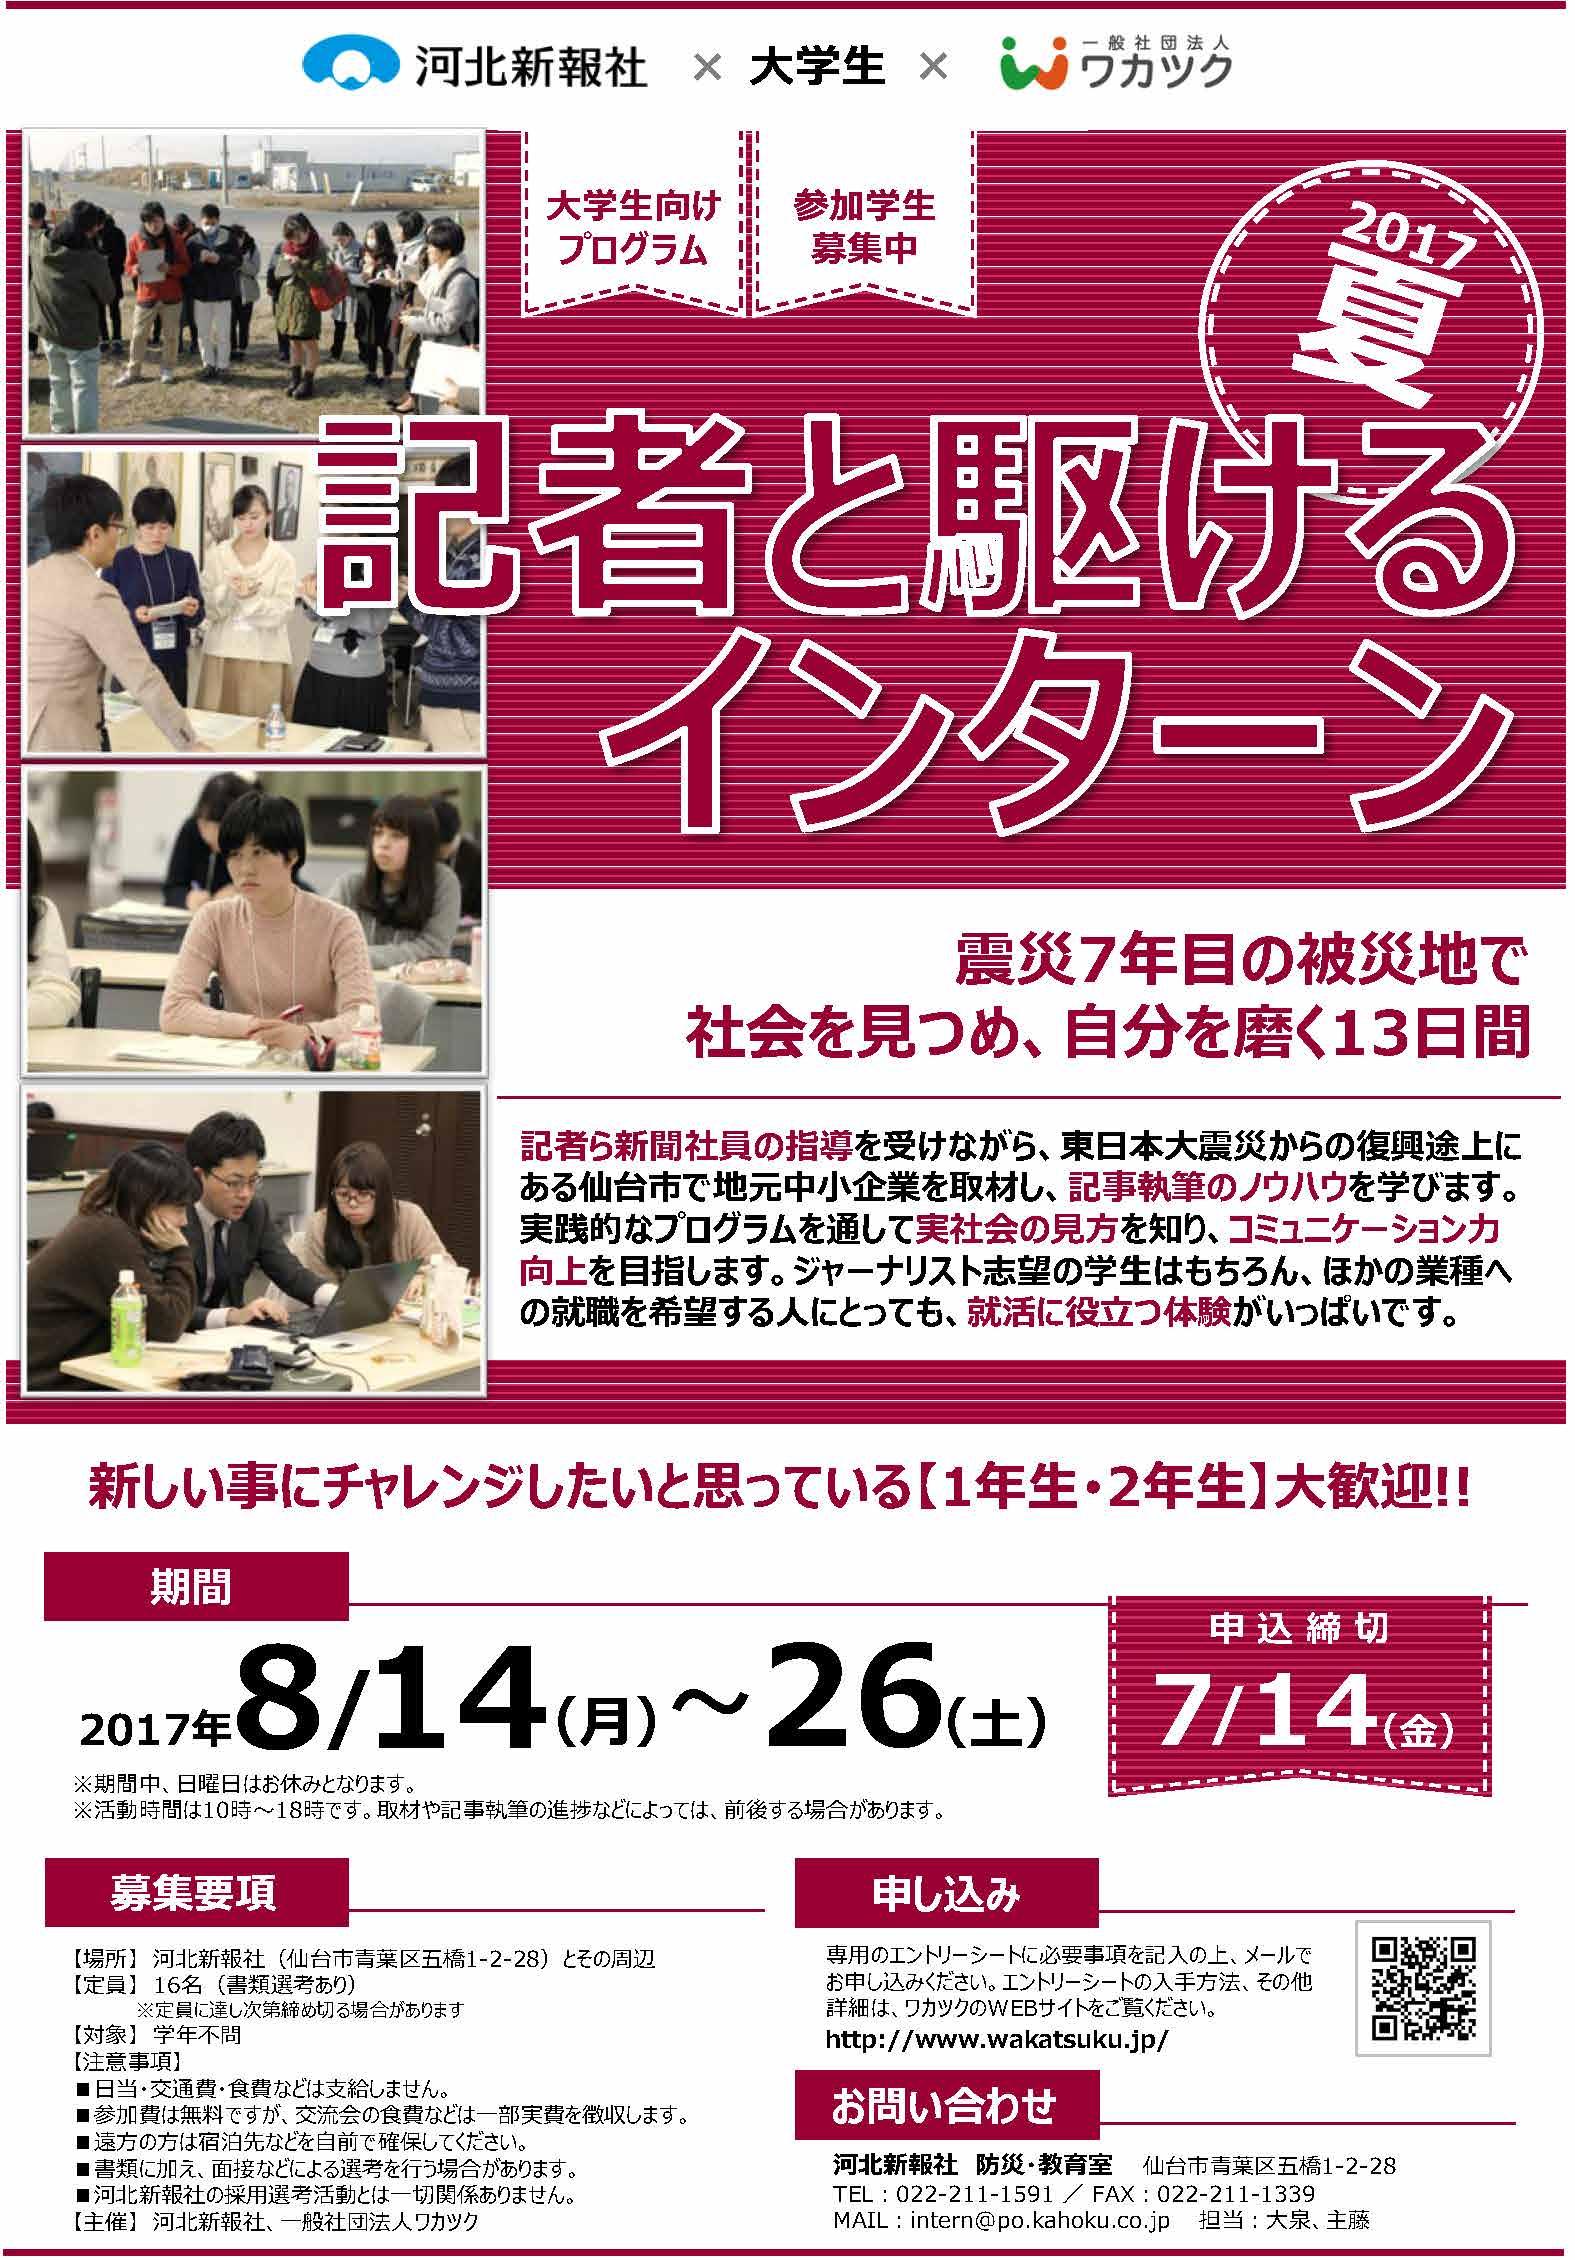 20170615【募集チラシ(記者インターン)】